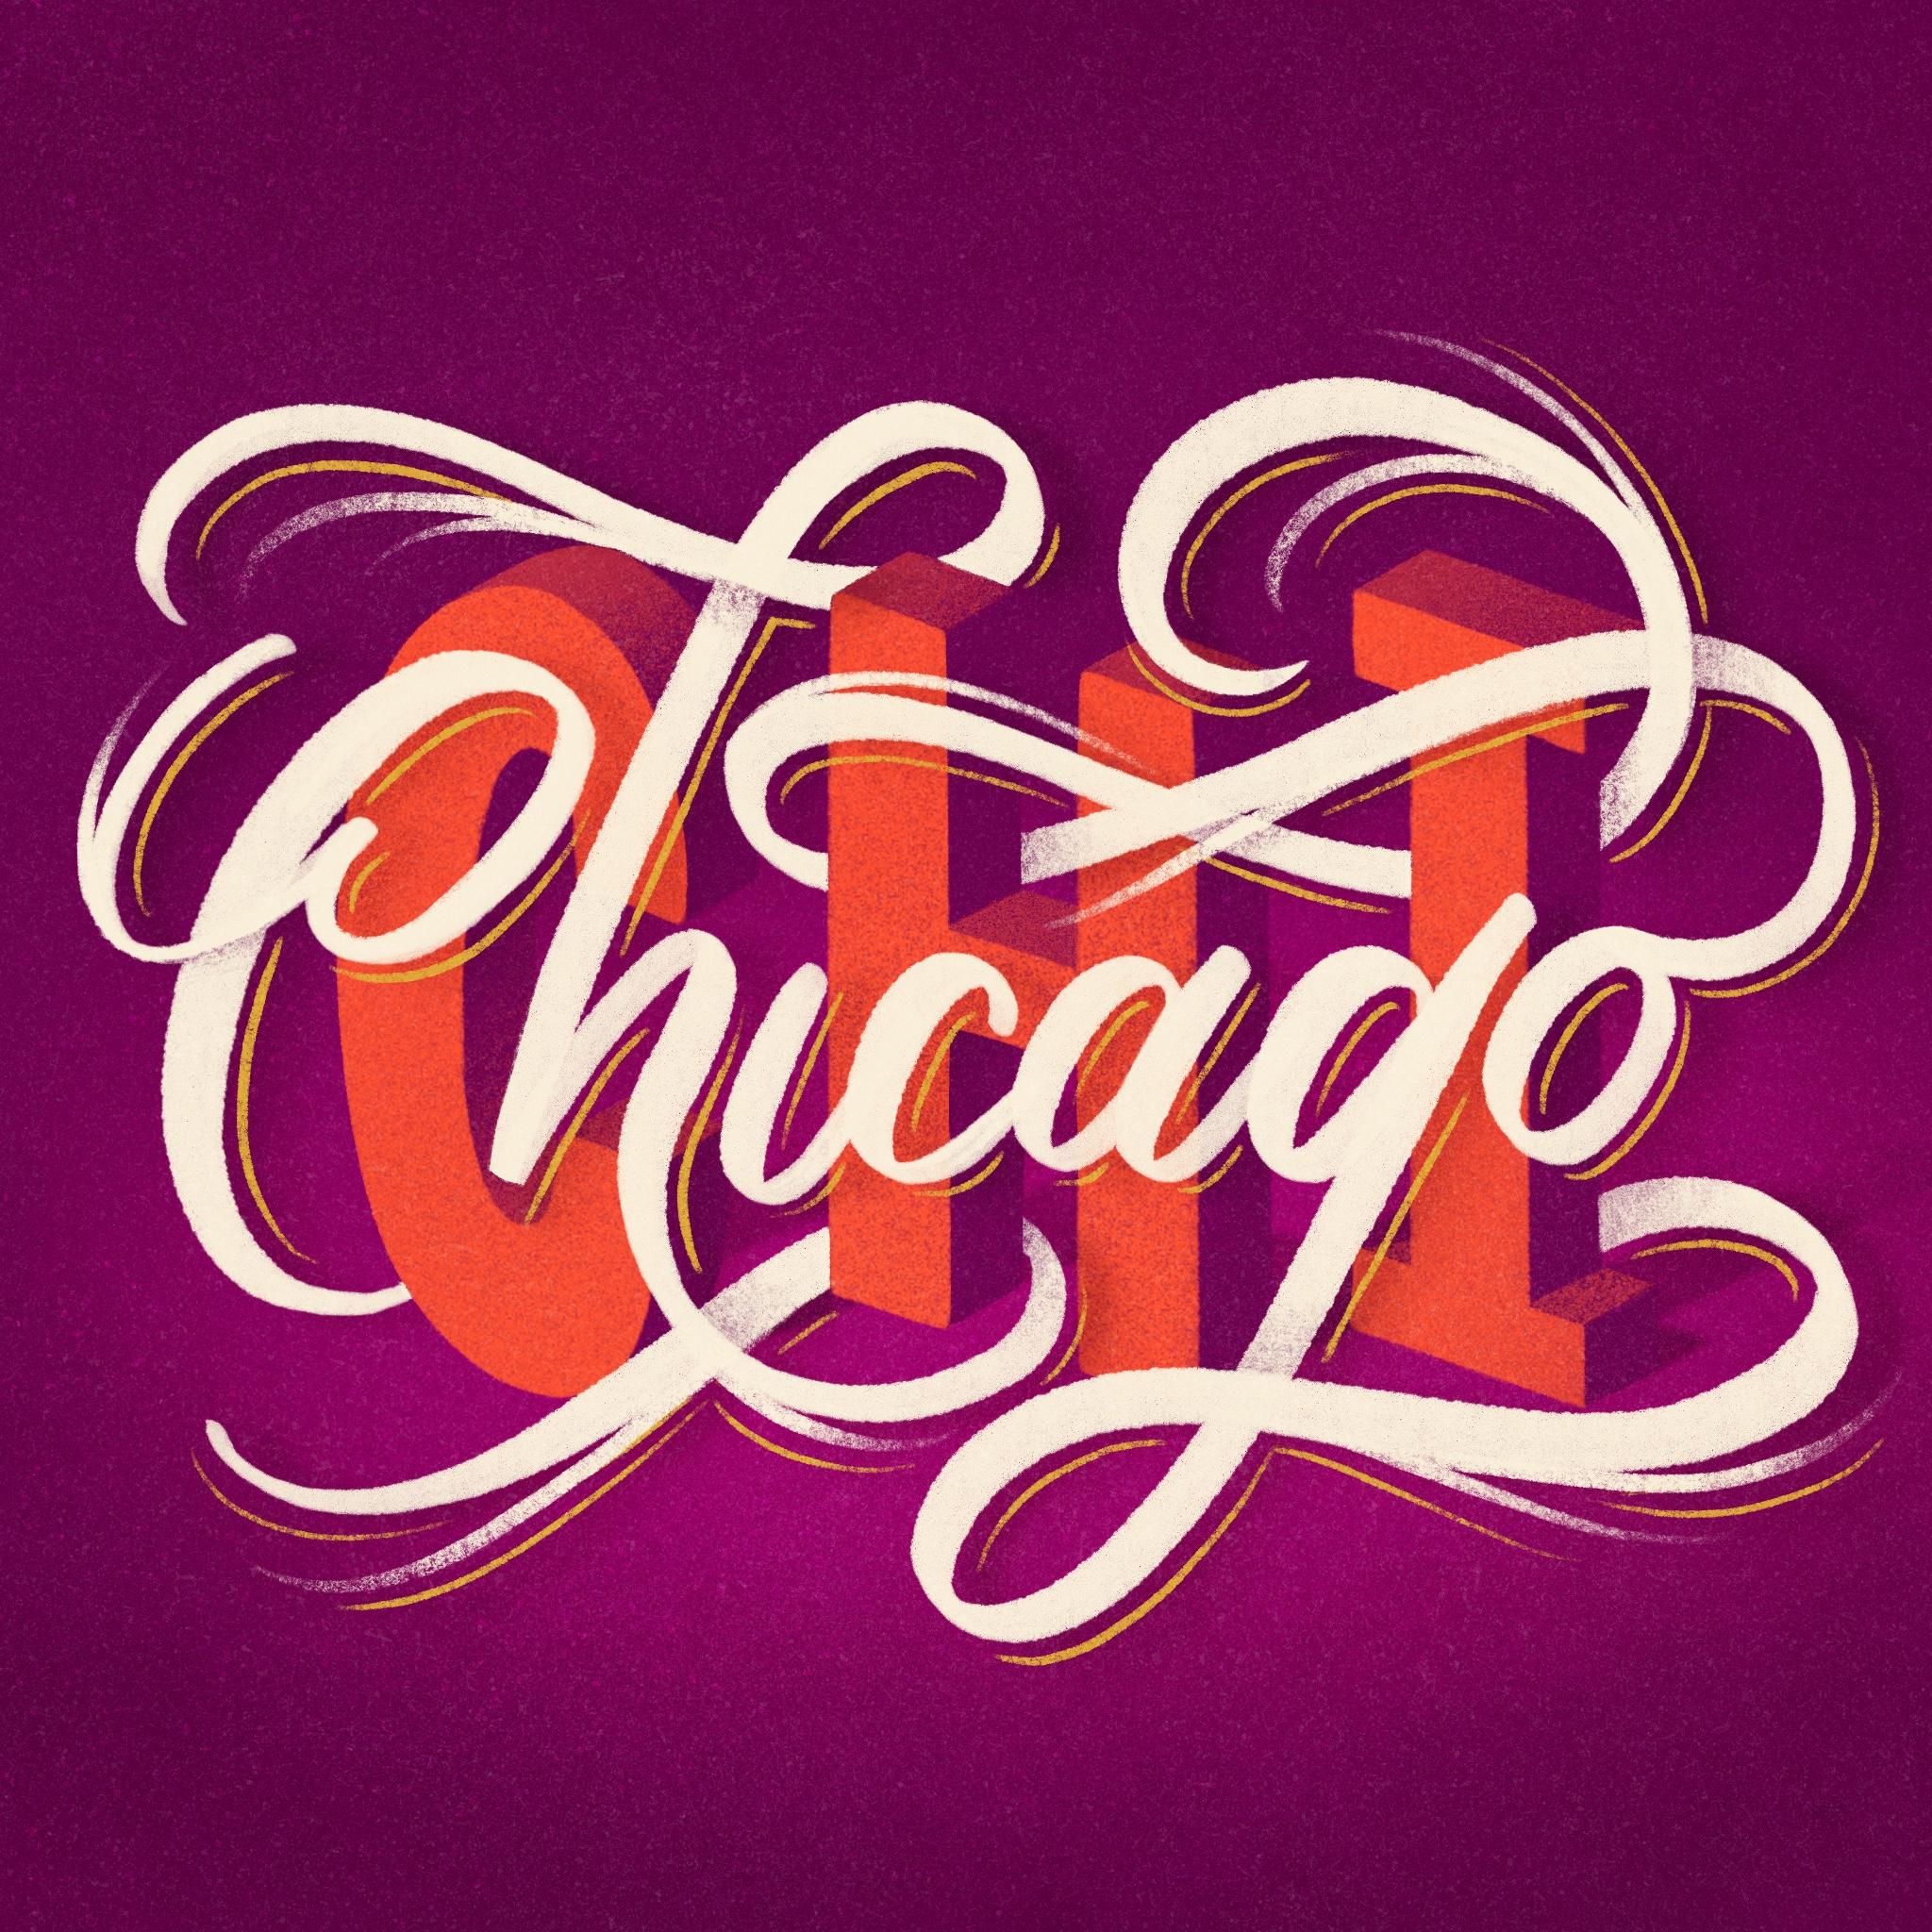 Chicago Lettering digital final for Washing Post | Belinda Kou Lettering & Design | Chicago artist